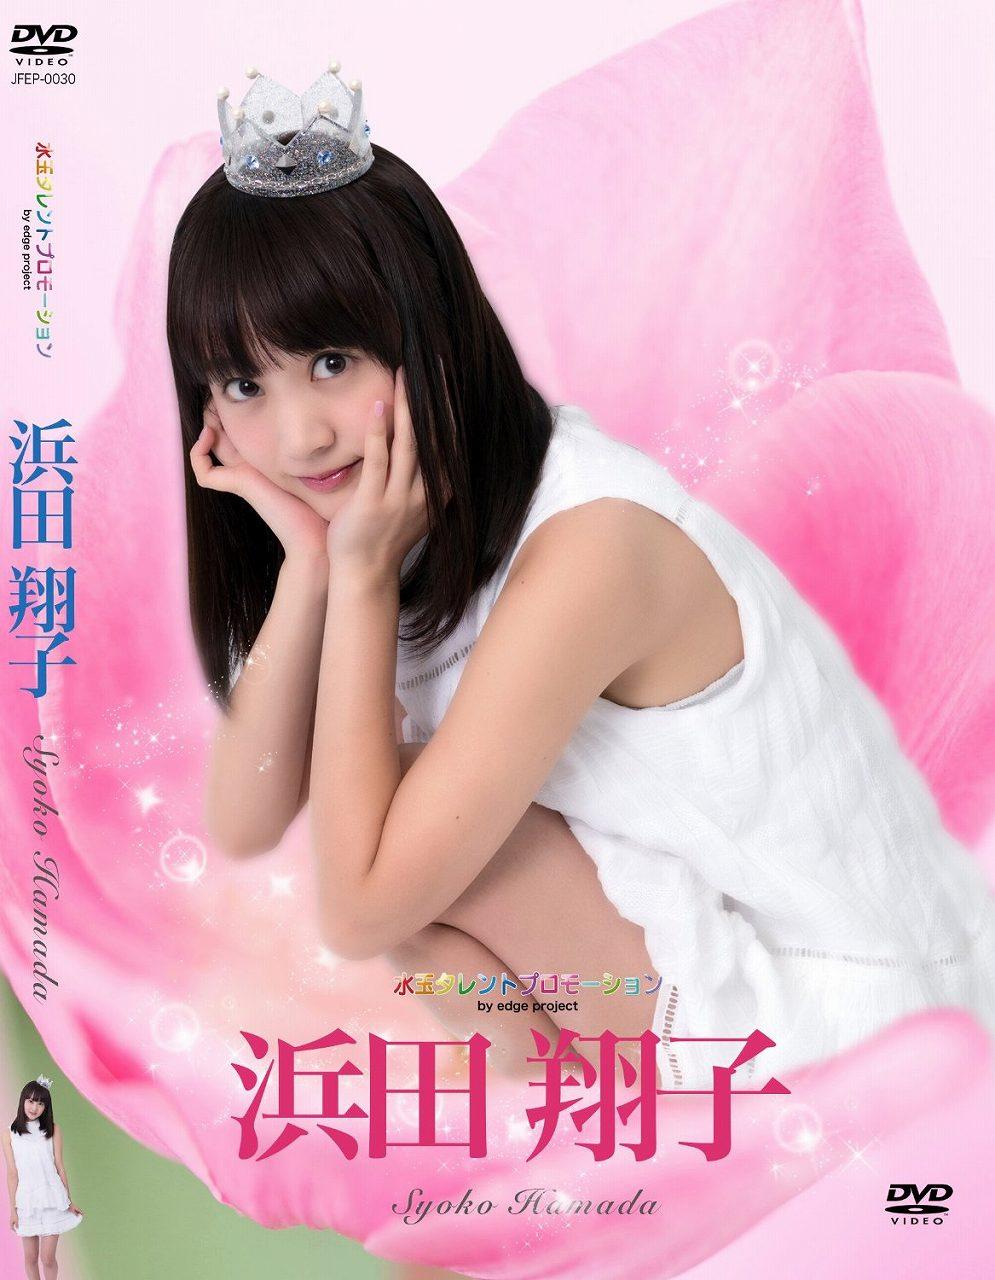 浜田翔子のDVD「水玉タレントプロモーション 浜田翔子」パッケージ写真